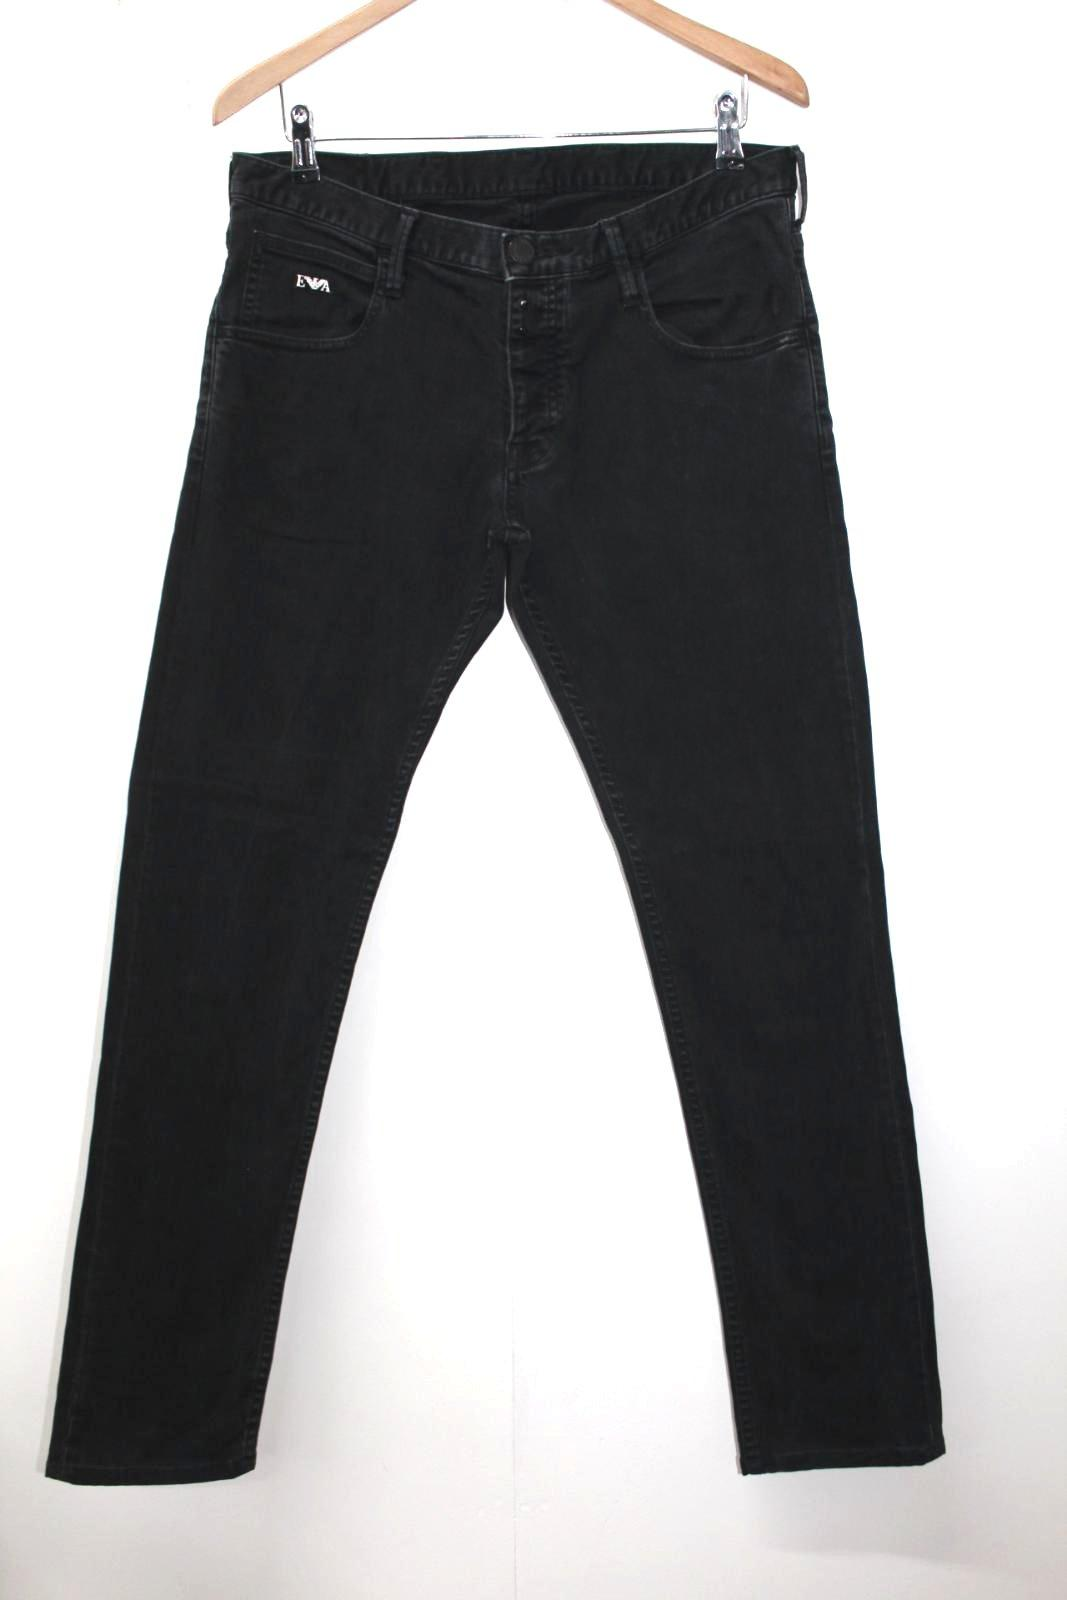 Fit Uomo misto Armani Jeans Emporio nero in Slim L34 W34 cotone Johnny qwwfzxZEI